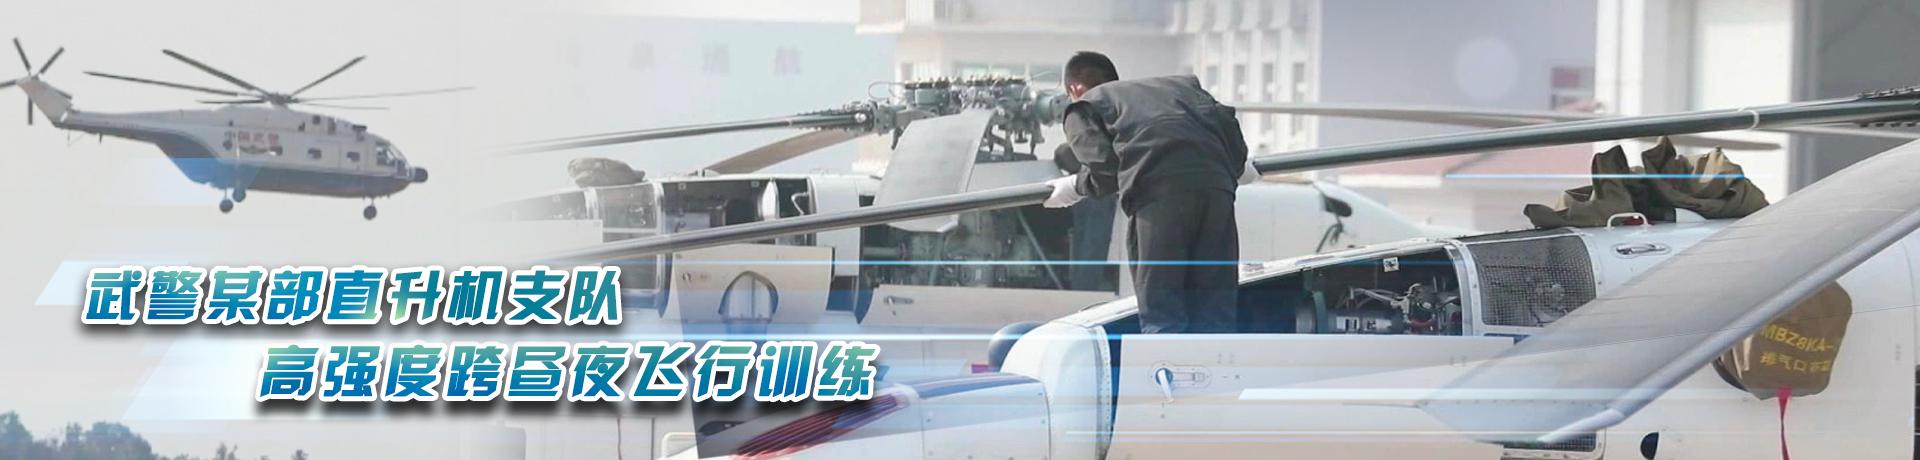 武警某部直升机支队高强度跨昼夜飞行训练